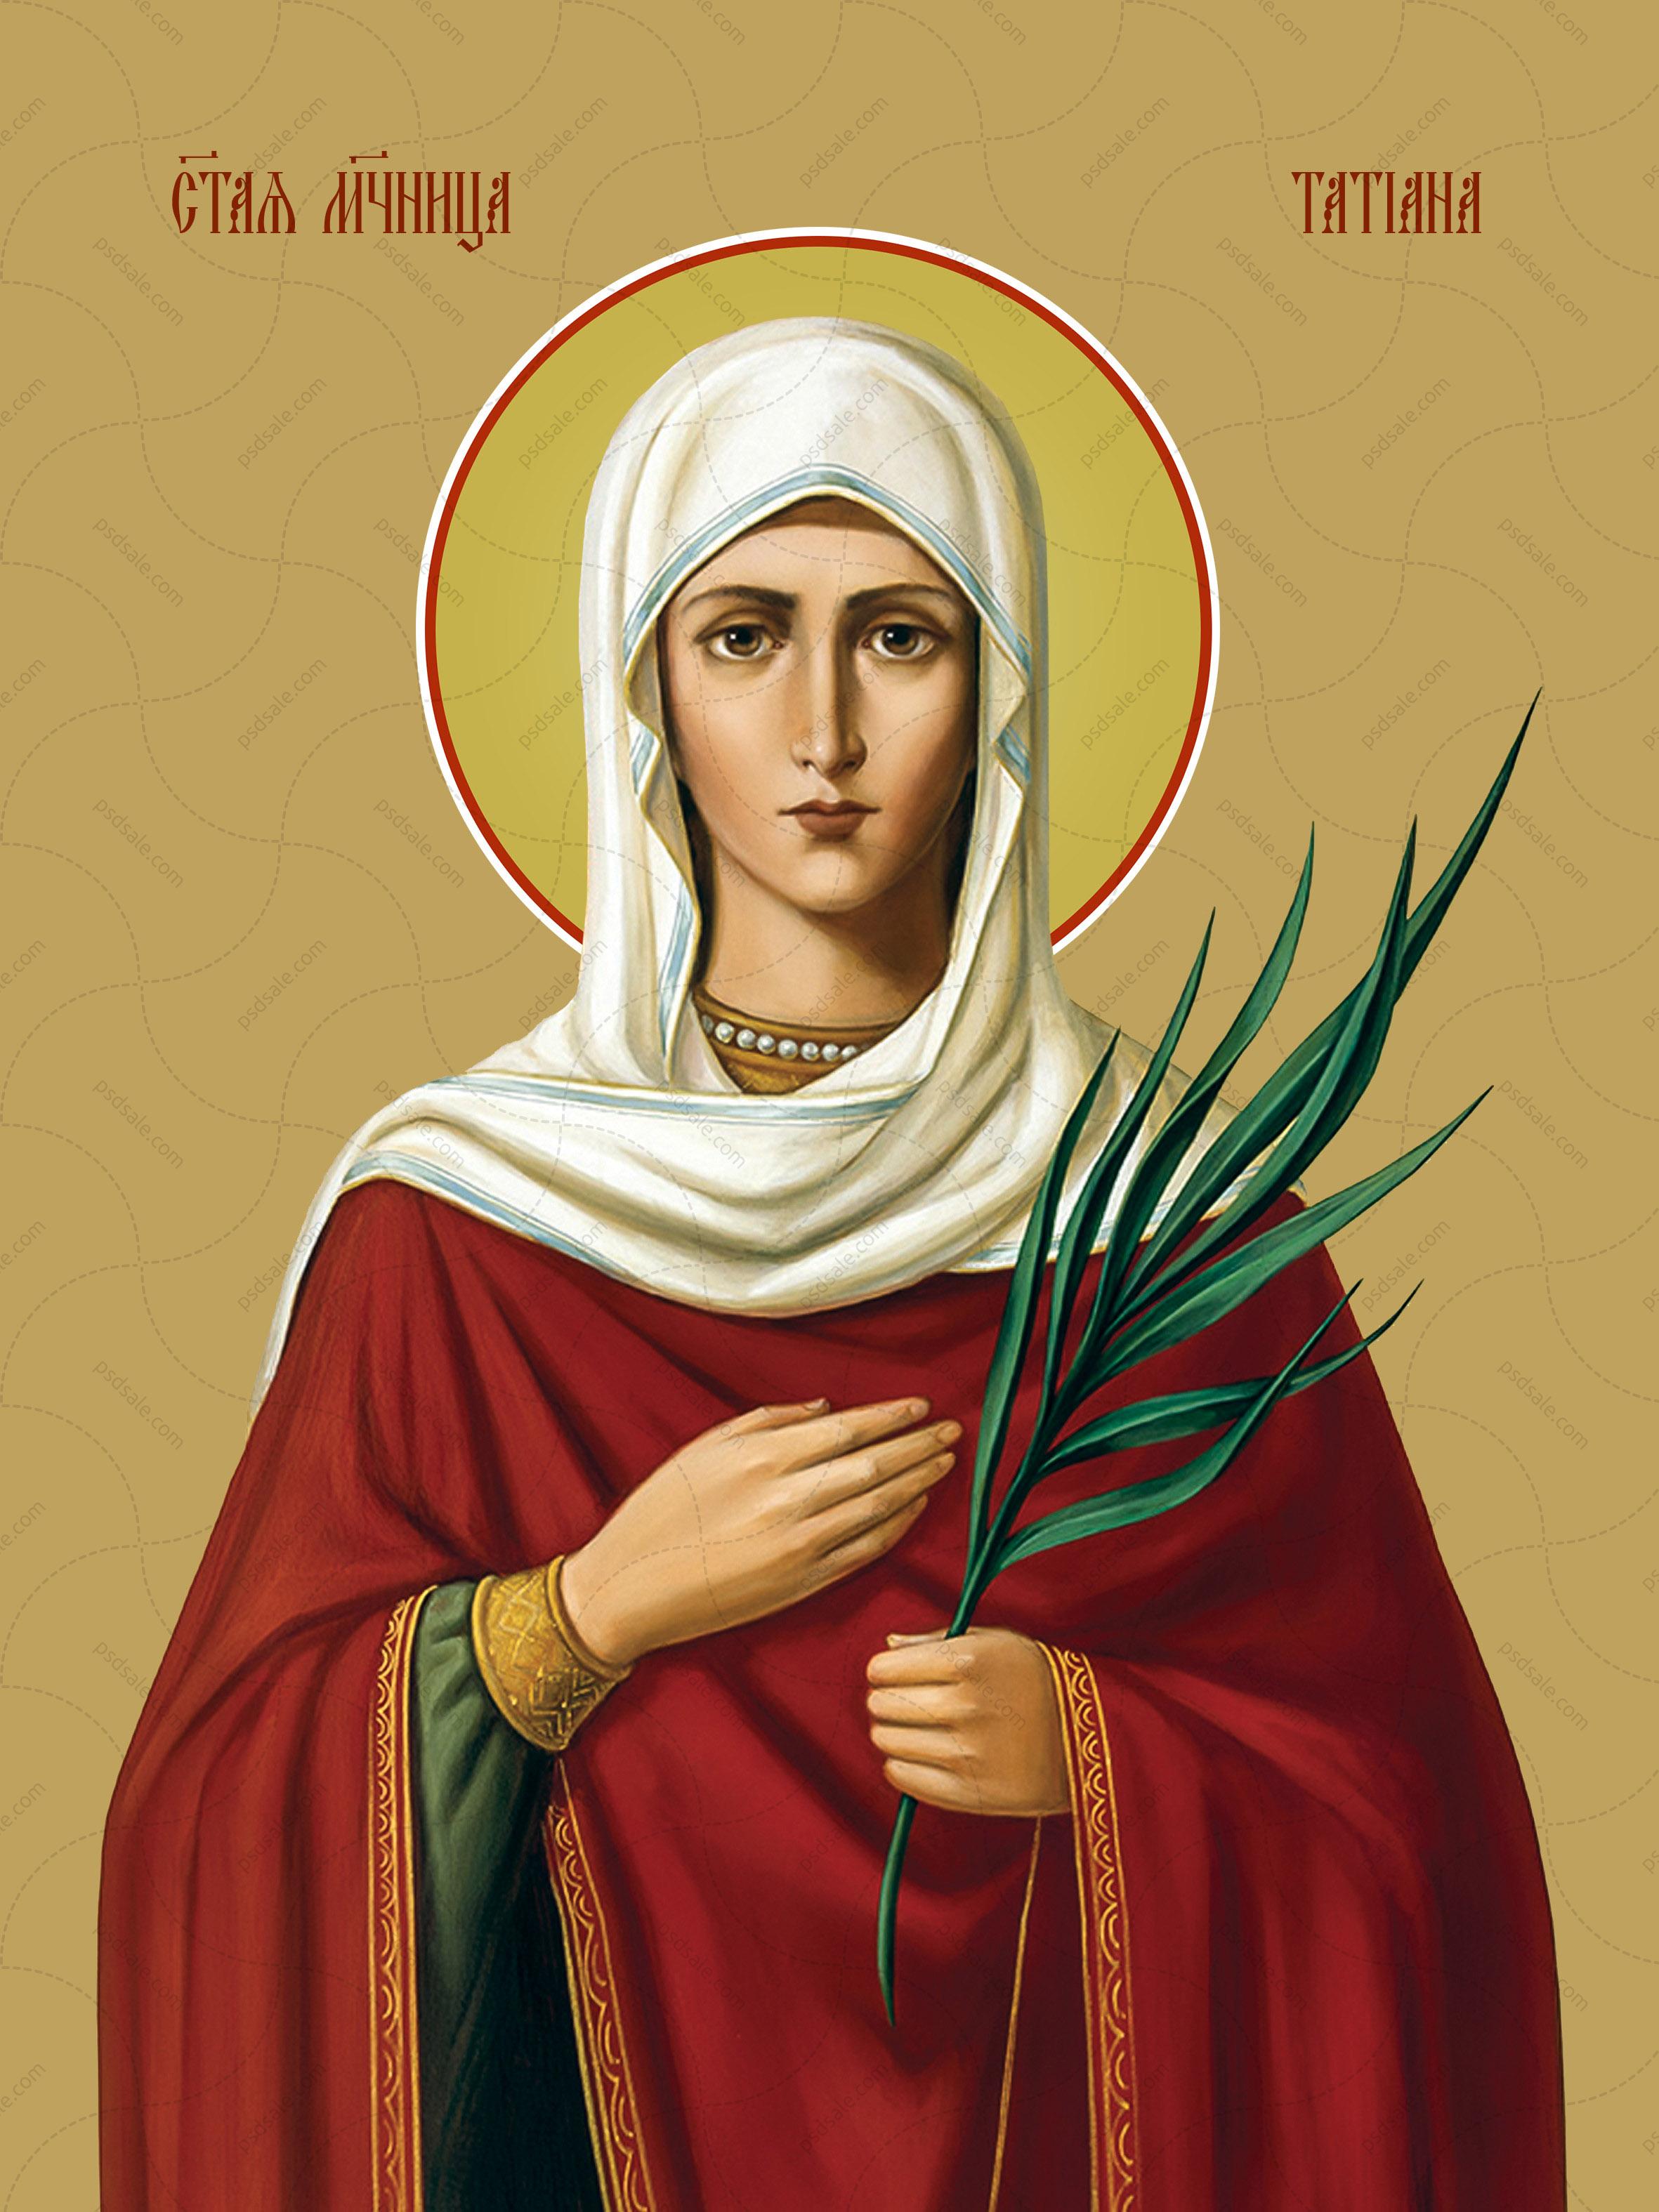 Татиана (Татьяна) Римская, мученица